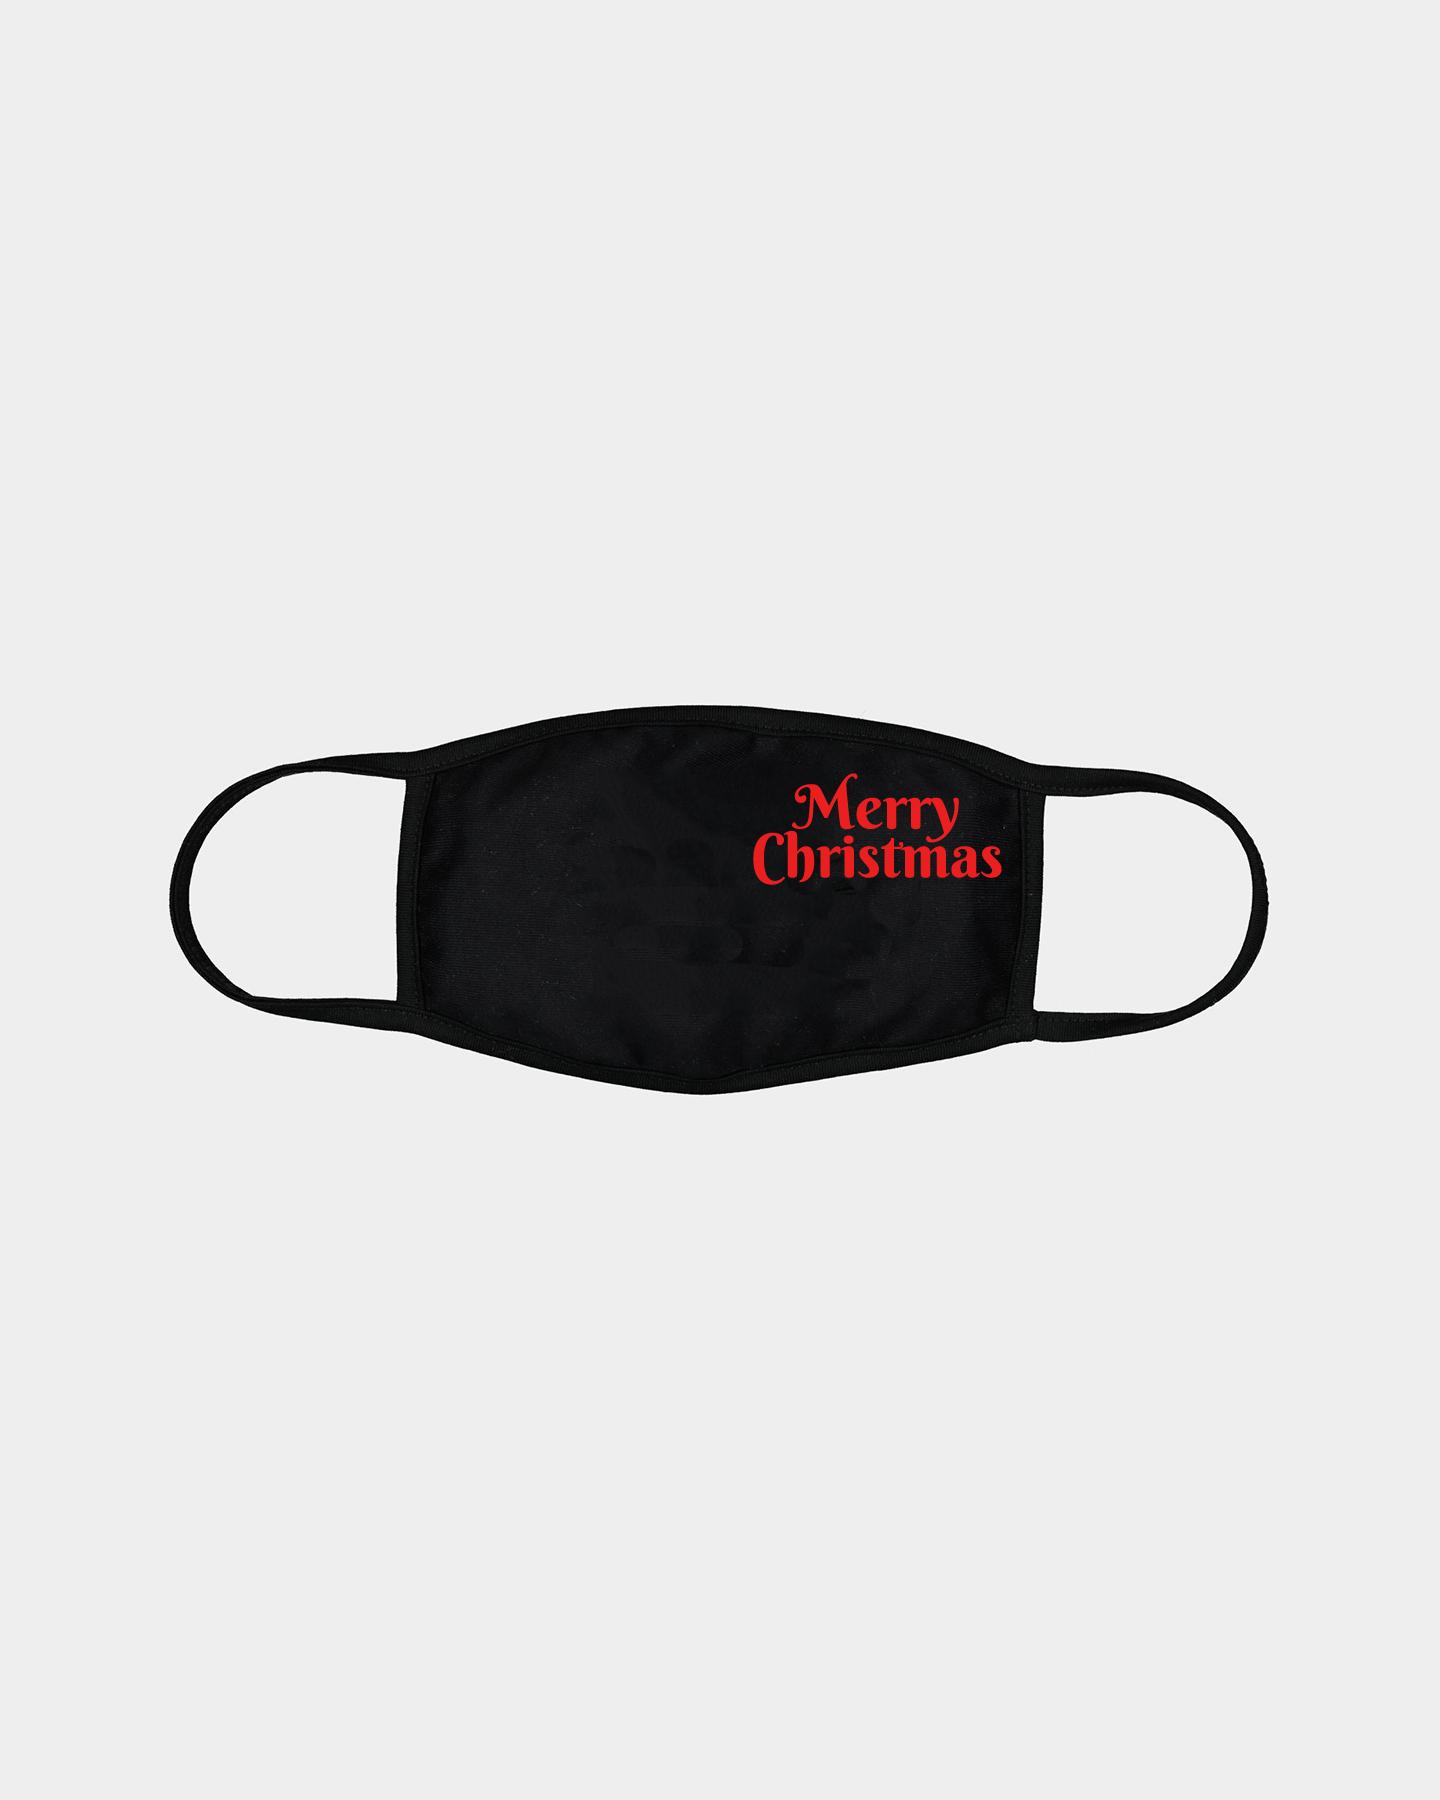 merry-christmasZeichenfläche-1-100